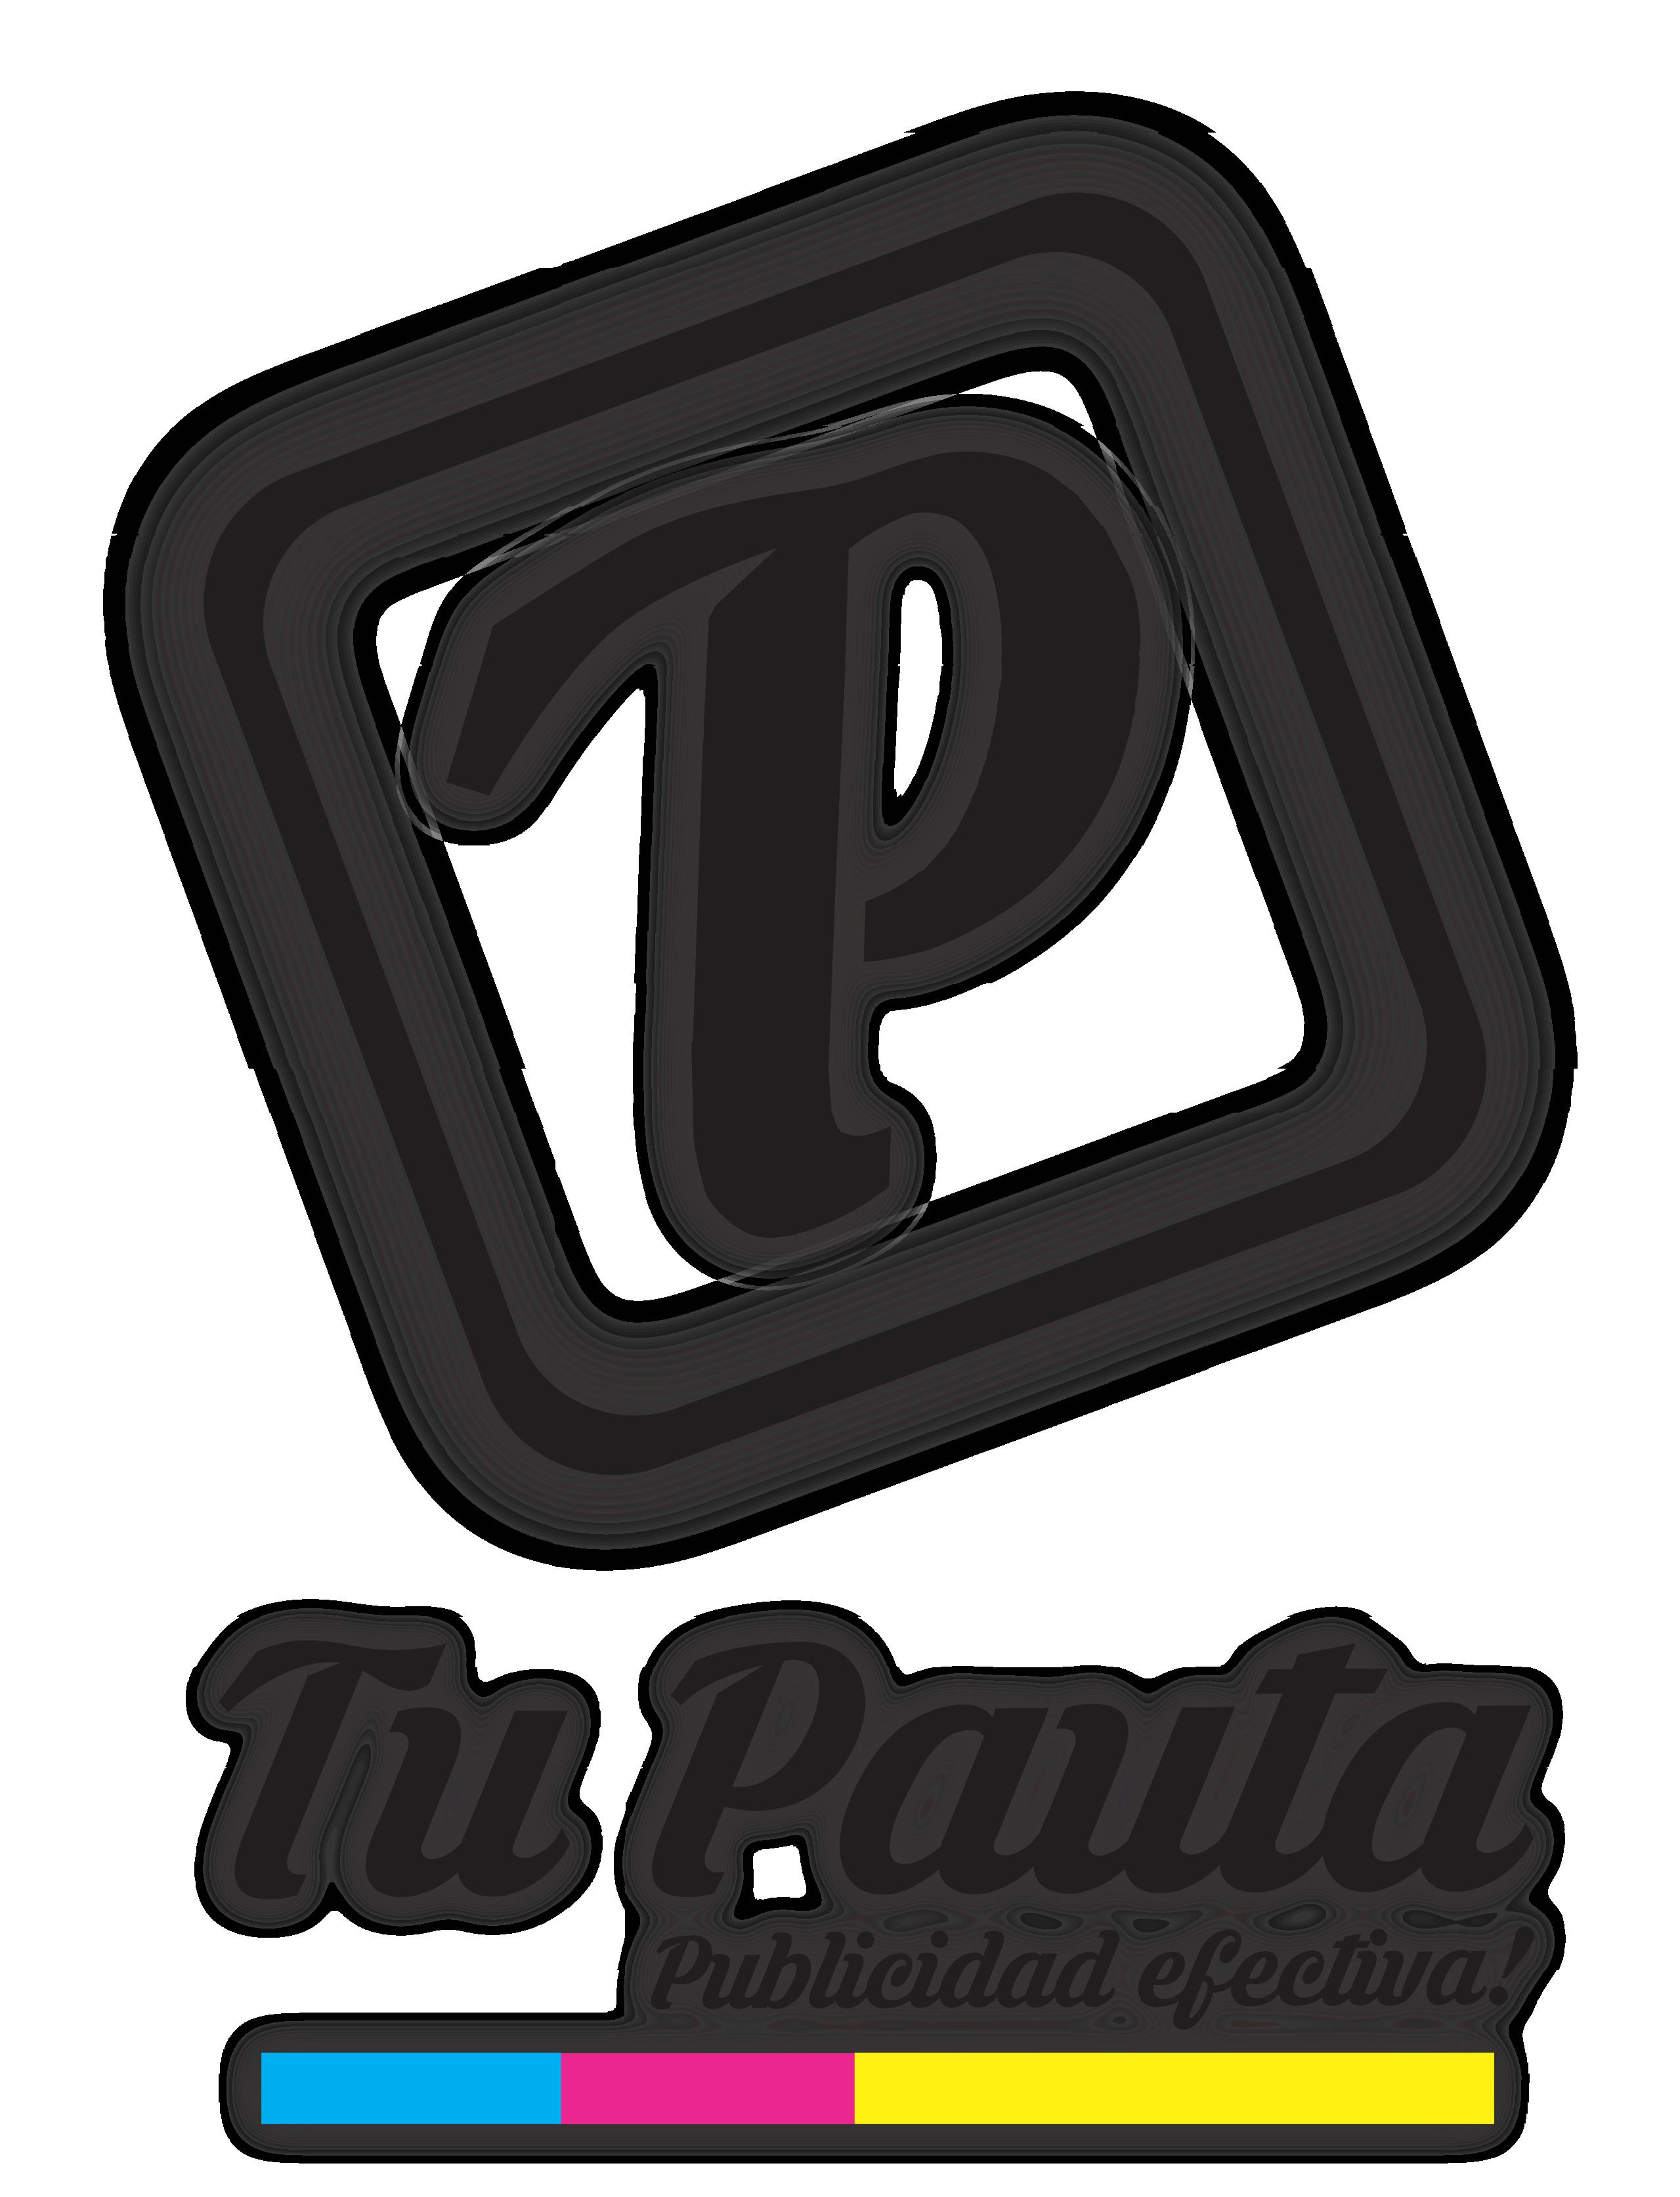 Tu_Pauta_Publicidad_Logo2